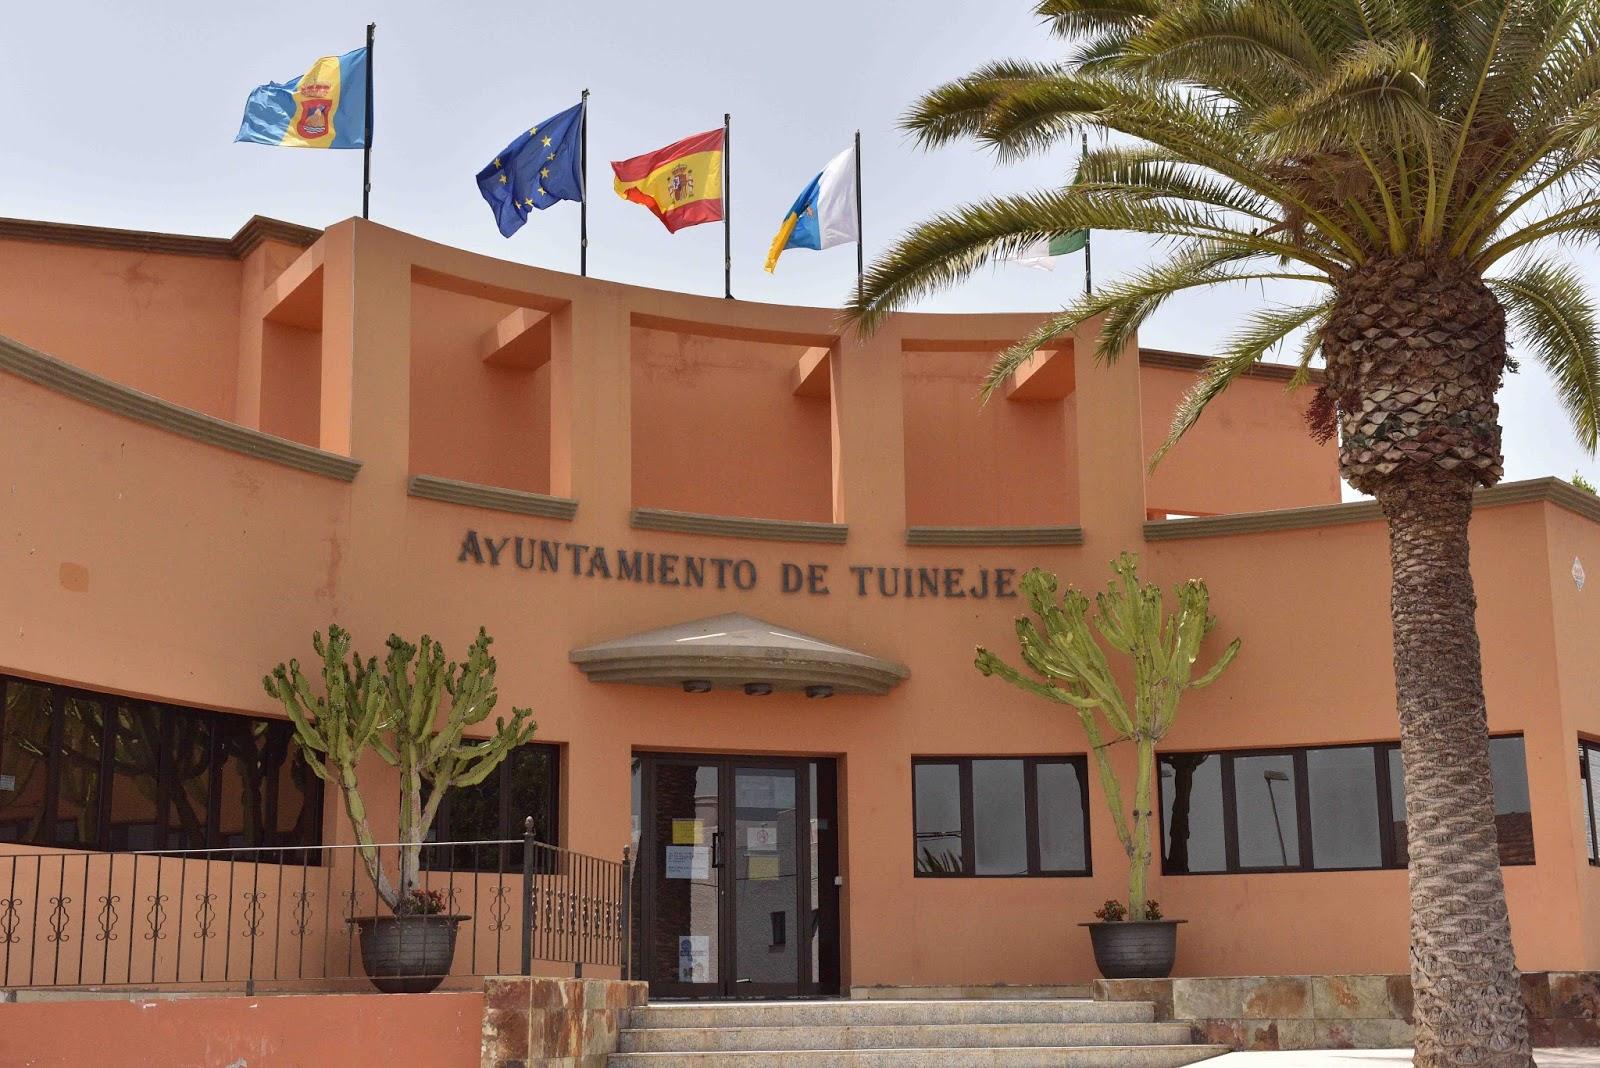 Oficina de turismo del ayuntamiento de tuineje obtiene el for Oficinas del ayuntamiento